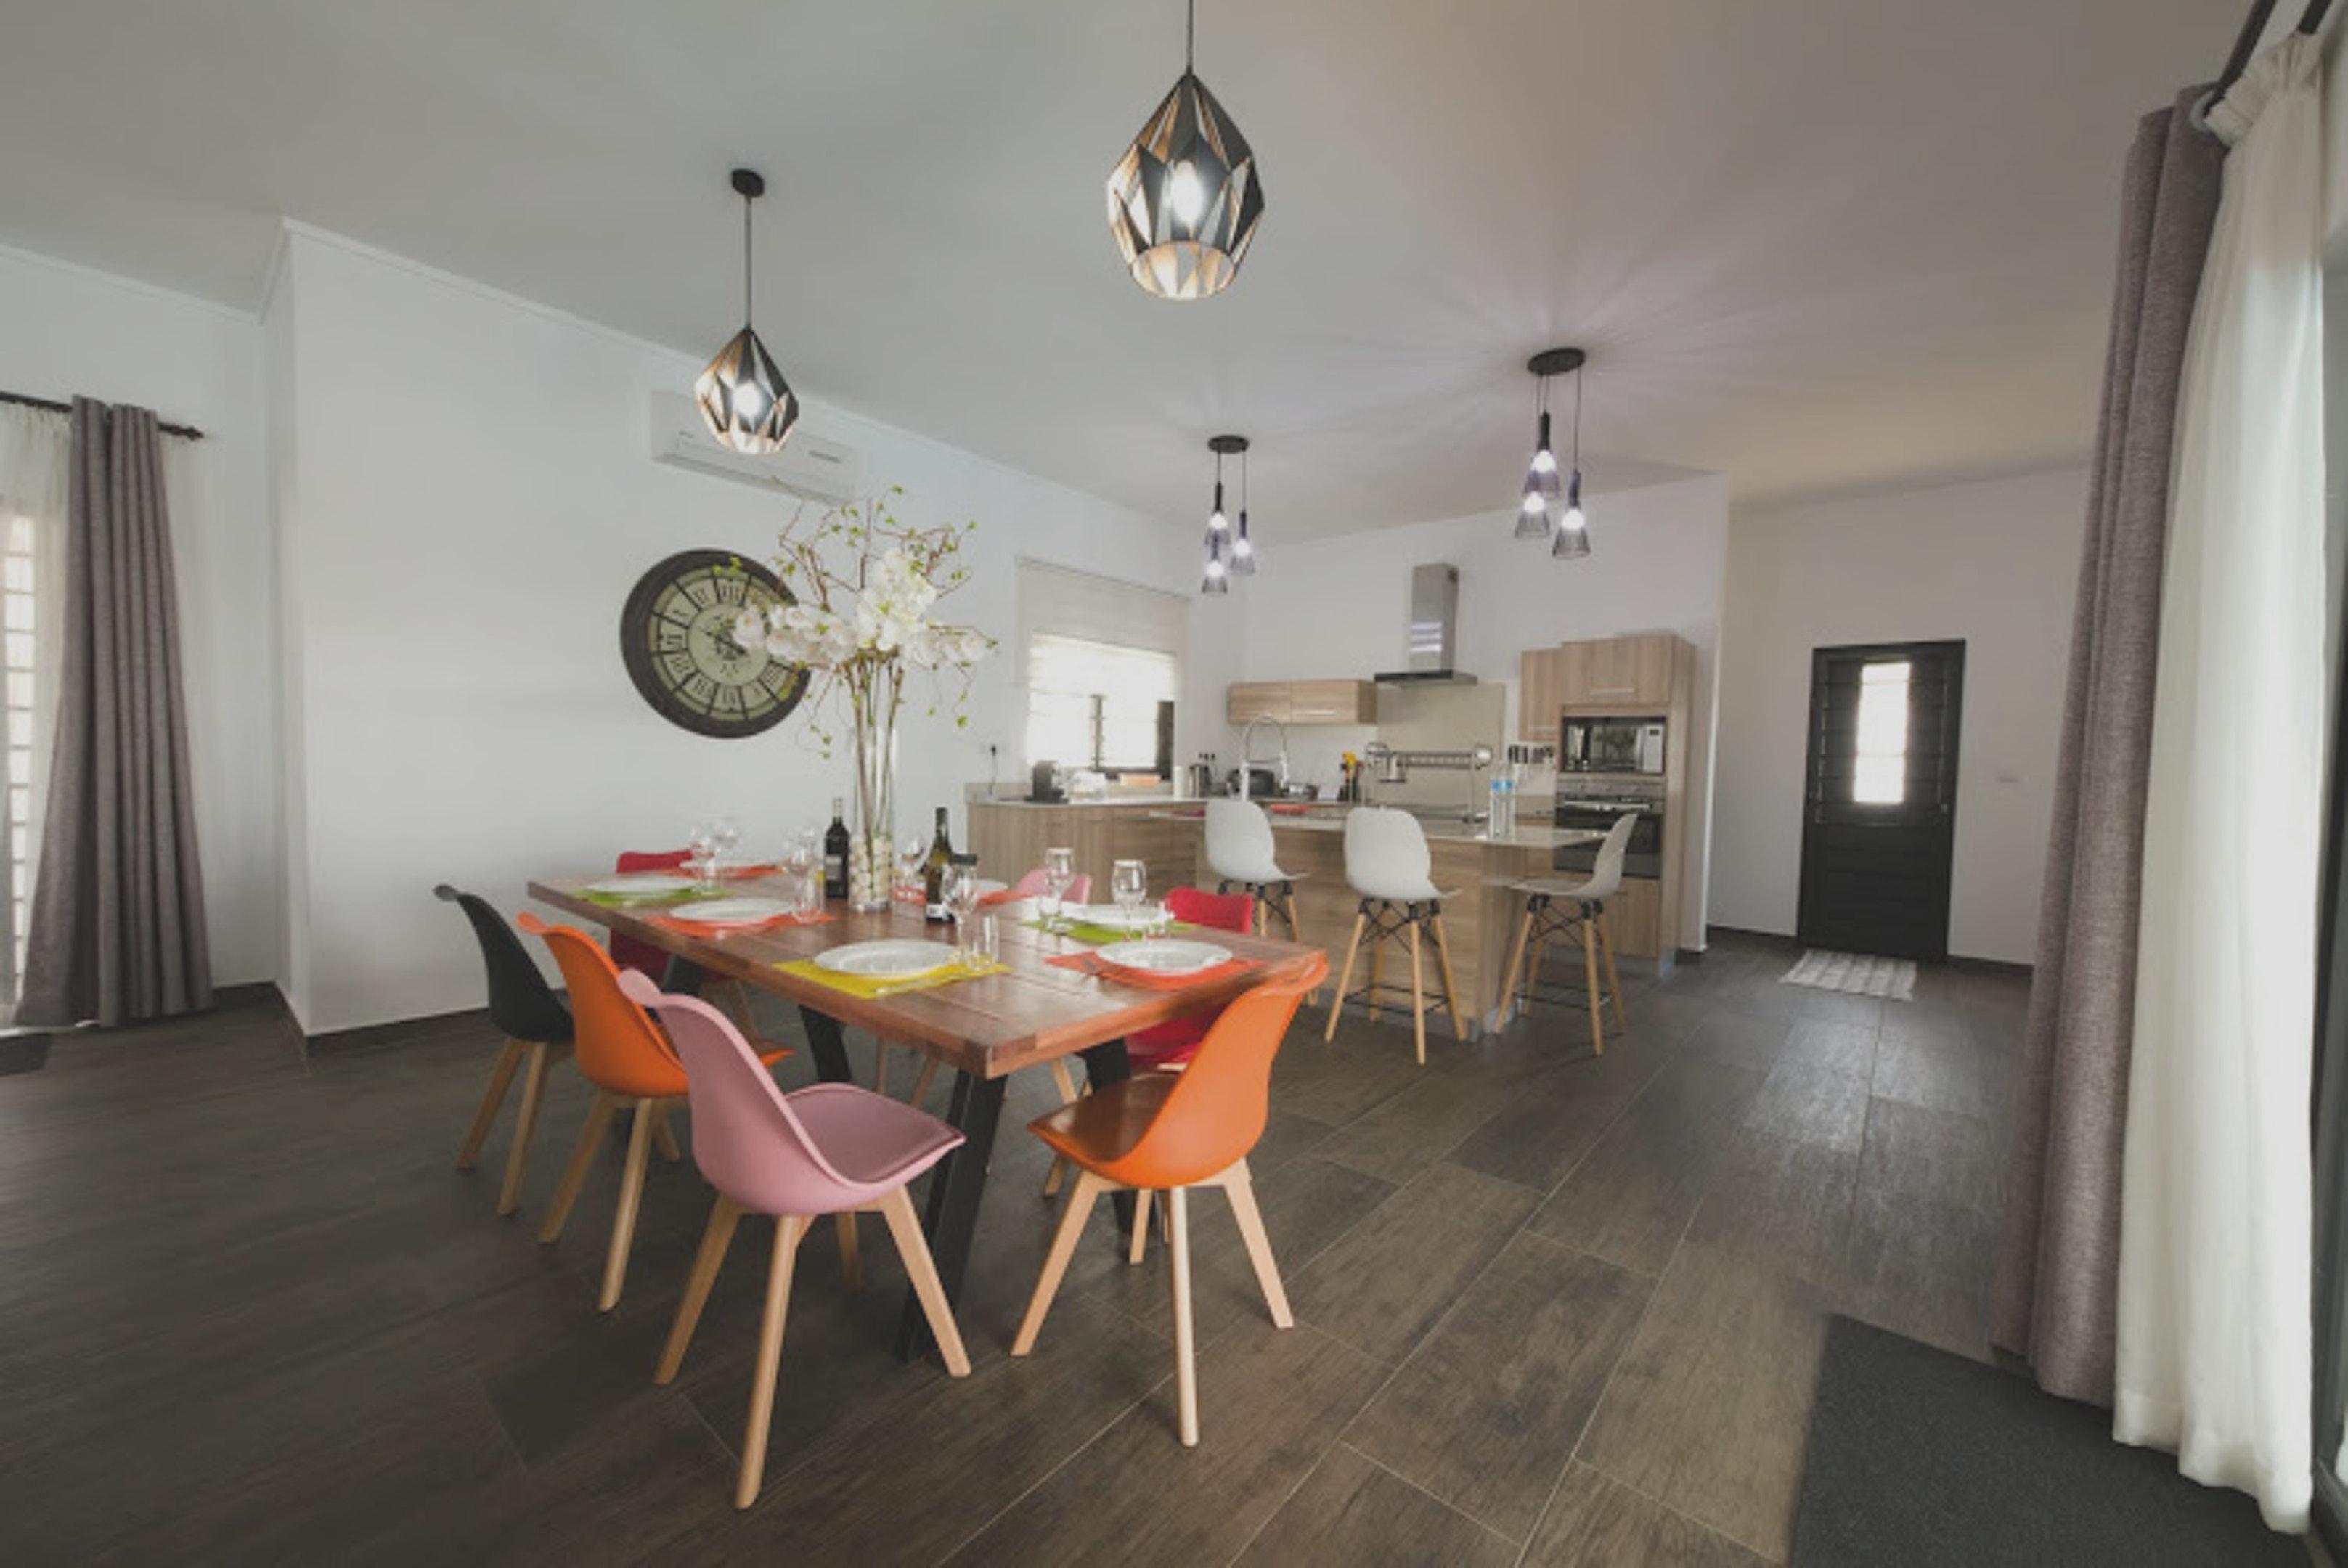 Villa mit 4 Schlafzimmern in Pointe aux Sables, Po Villa auf Mauritius